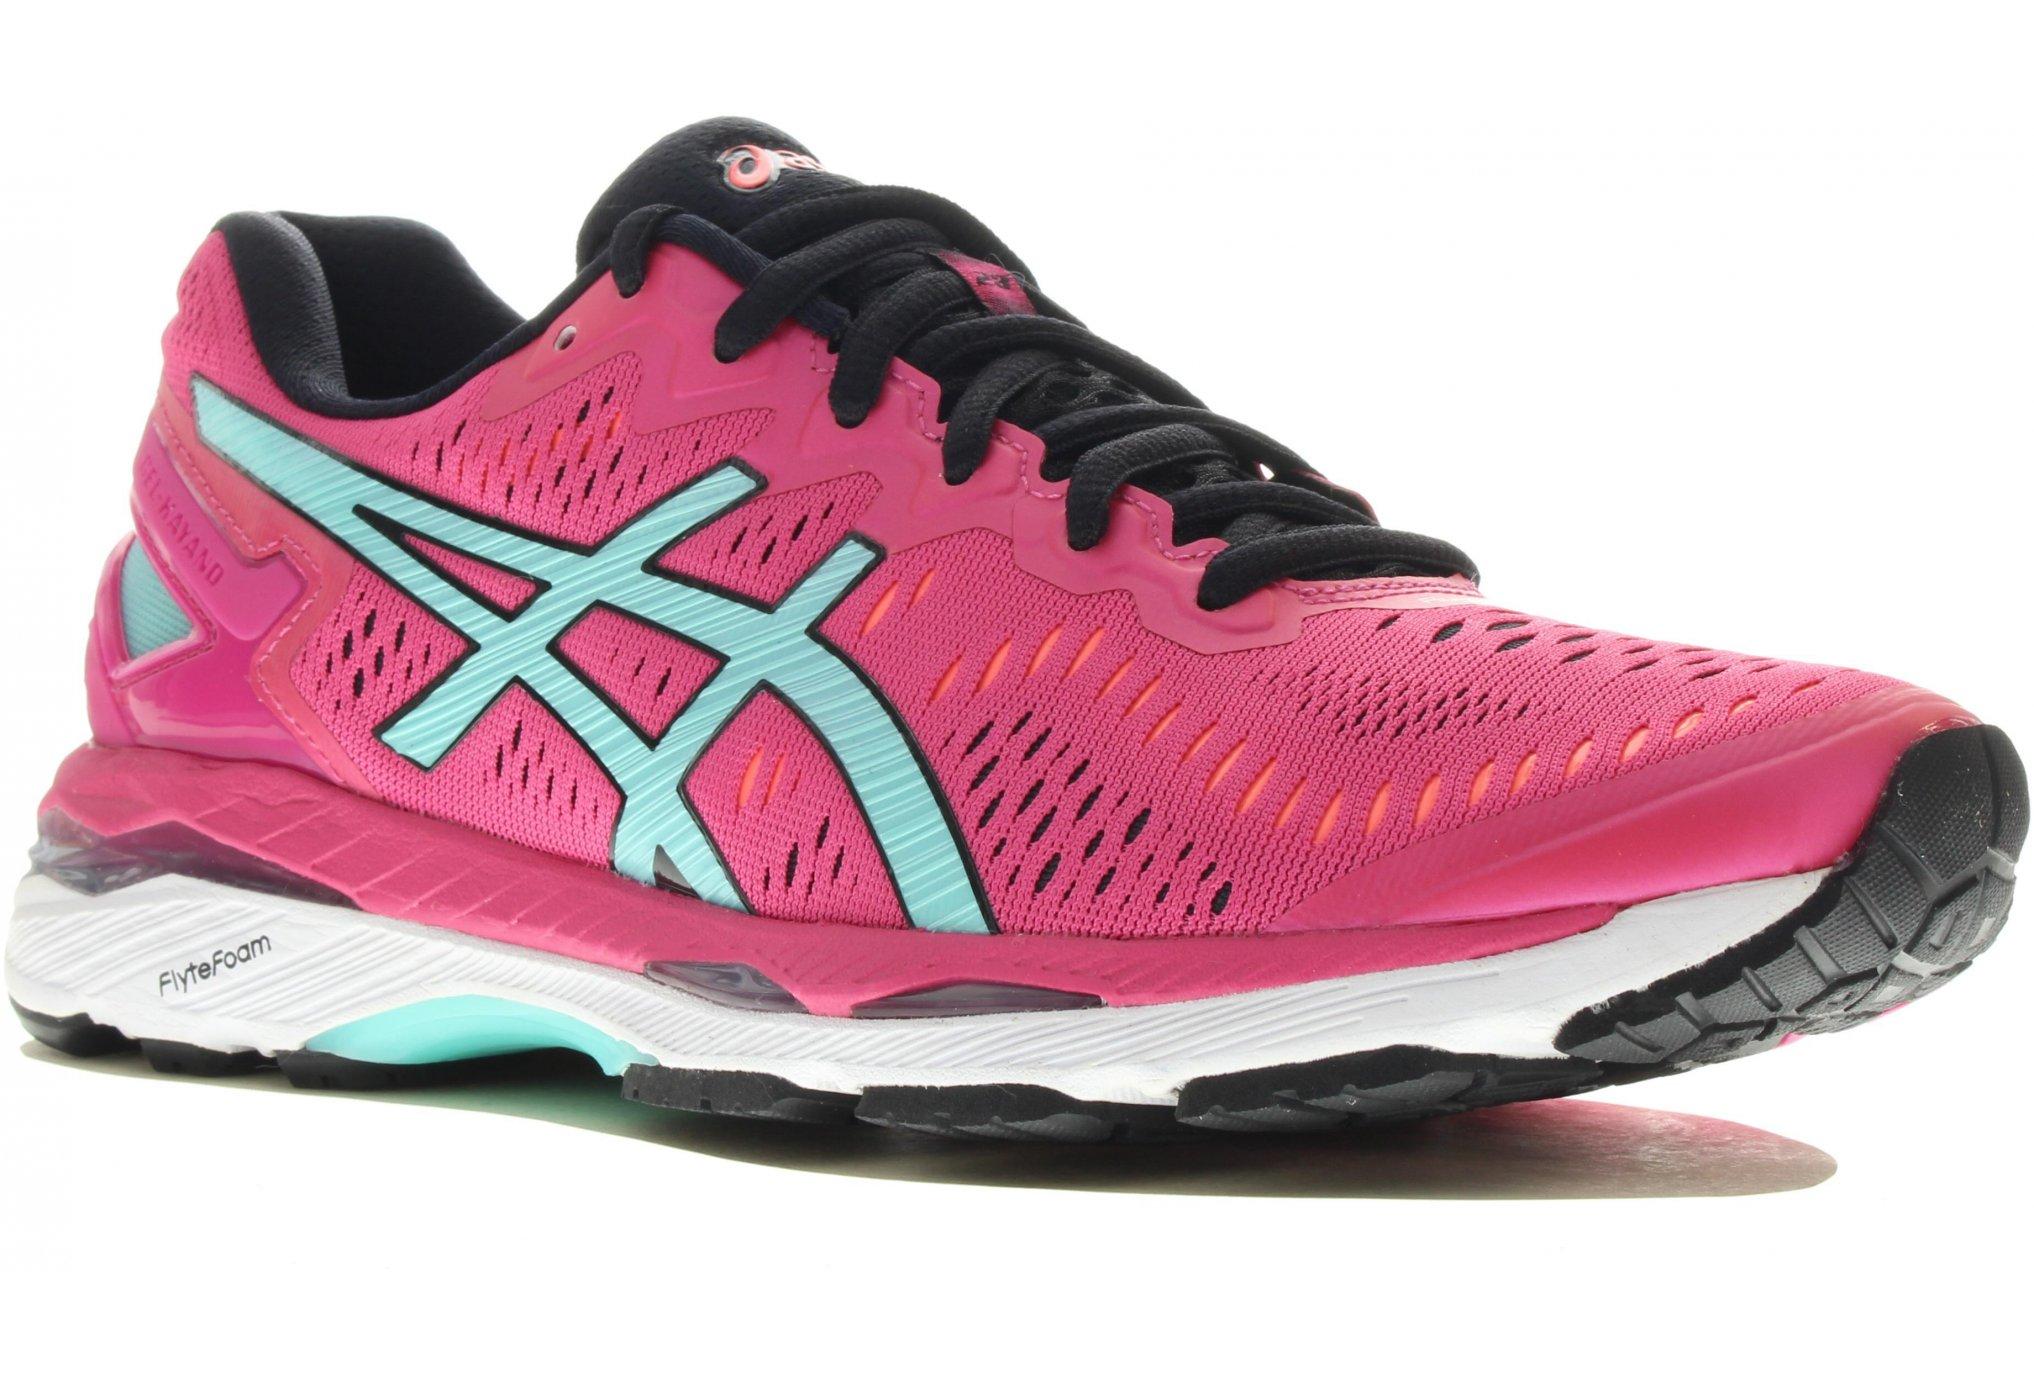 Chaussures Marathon Soldes Le Pour En HFAxqHprf